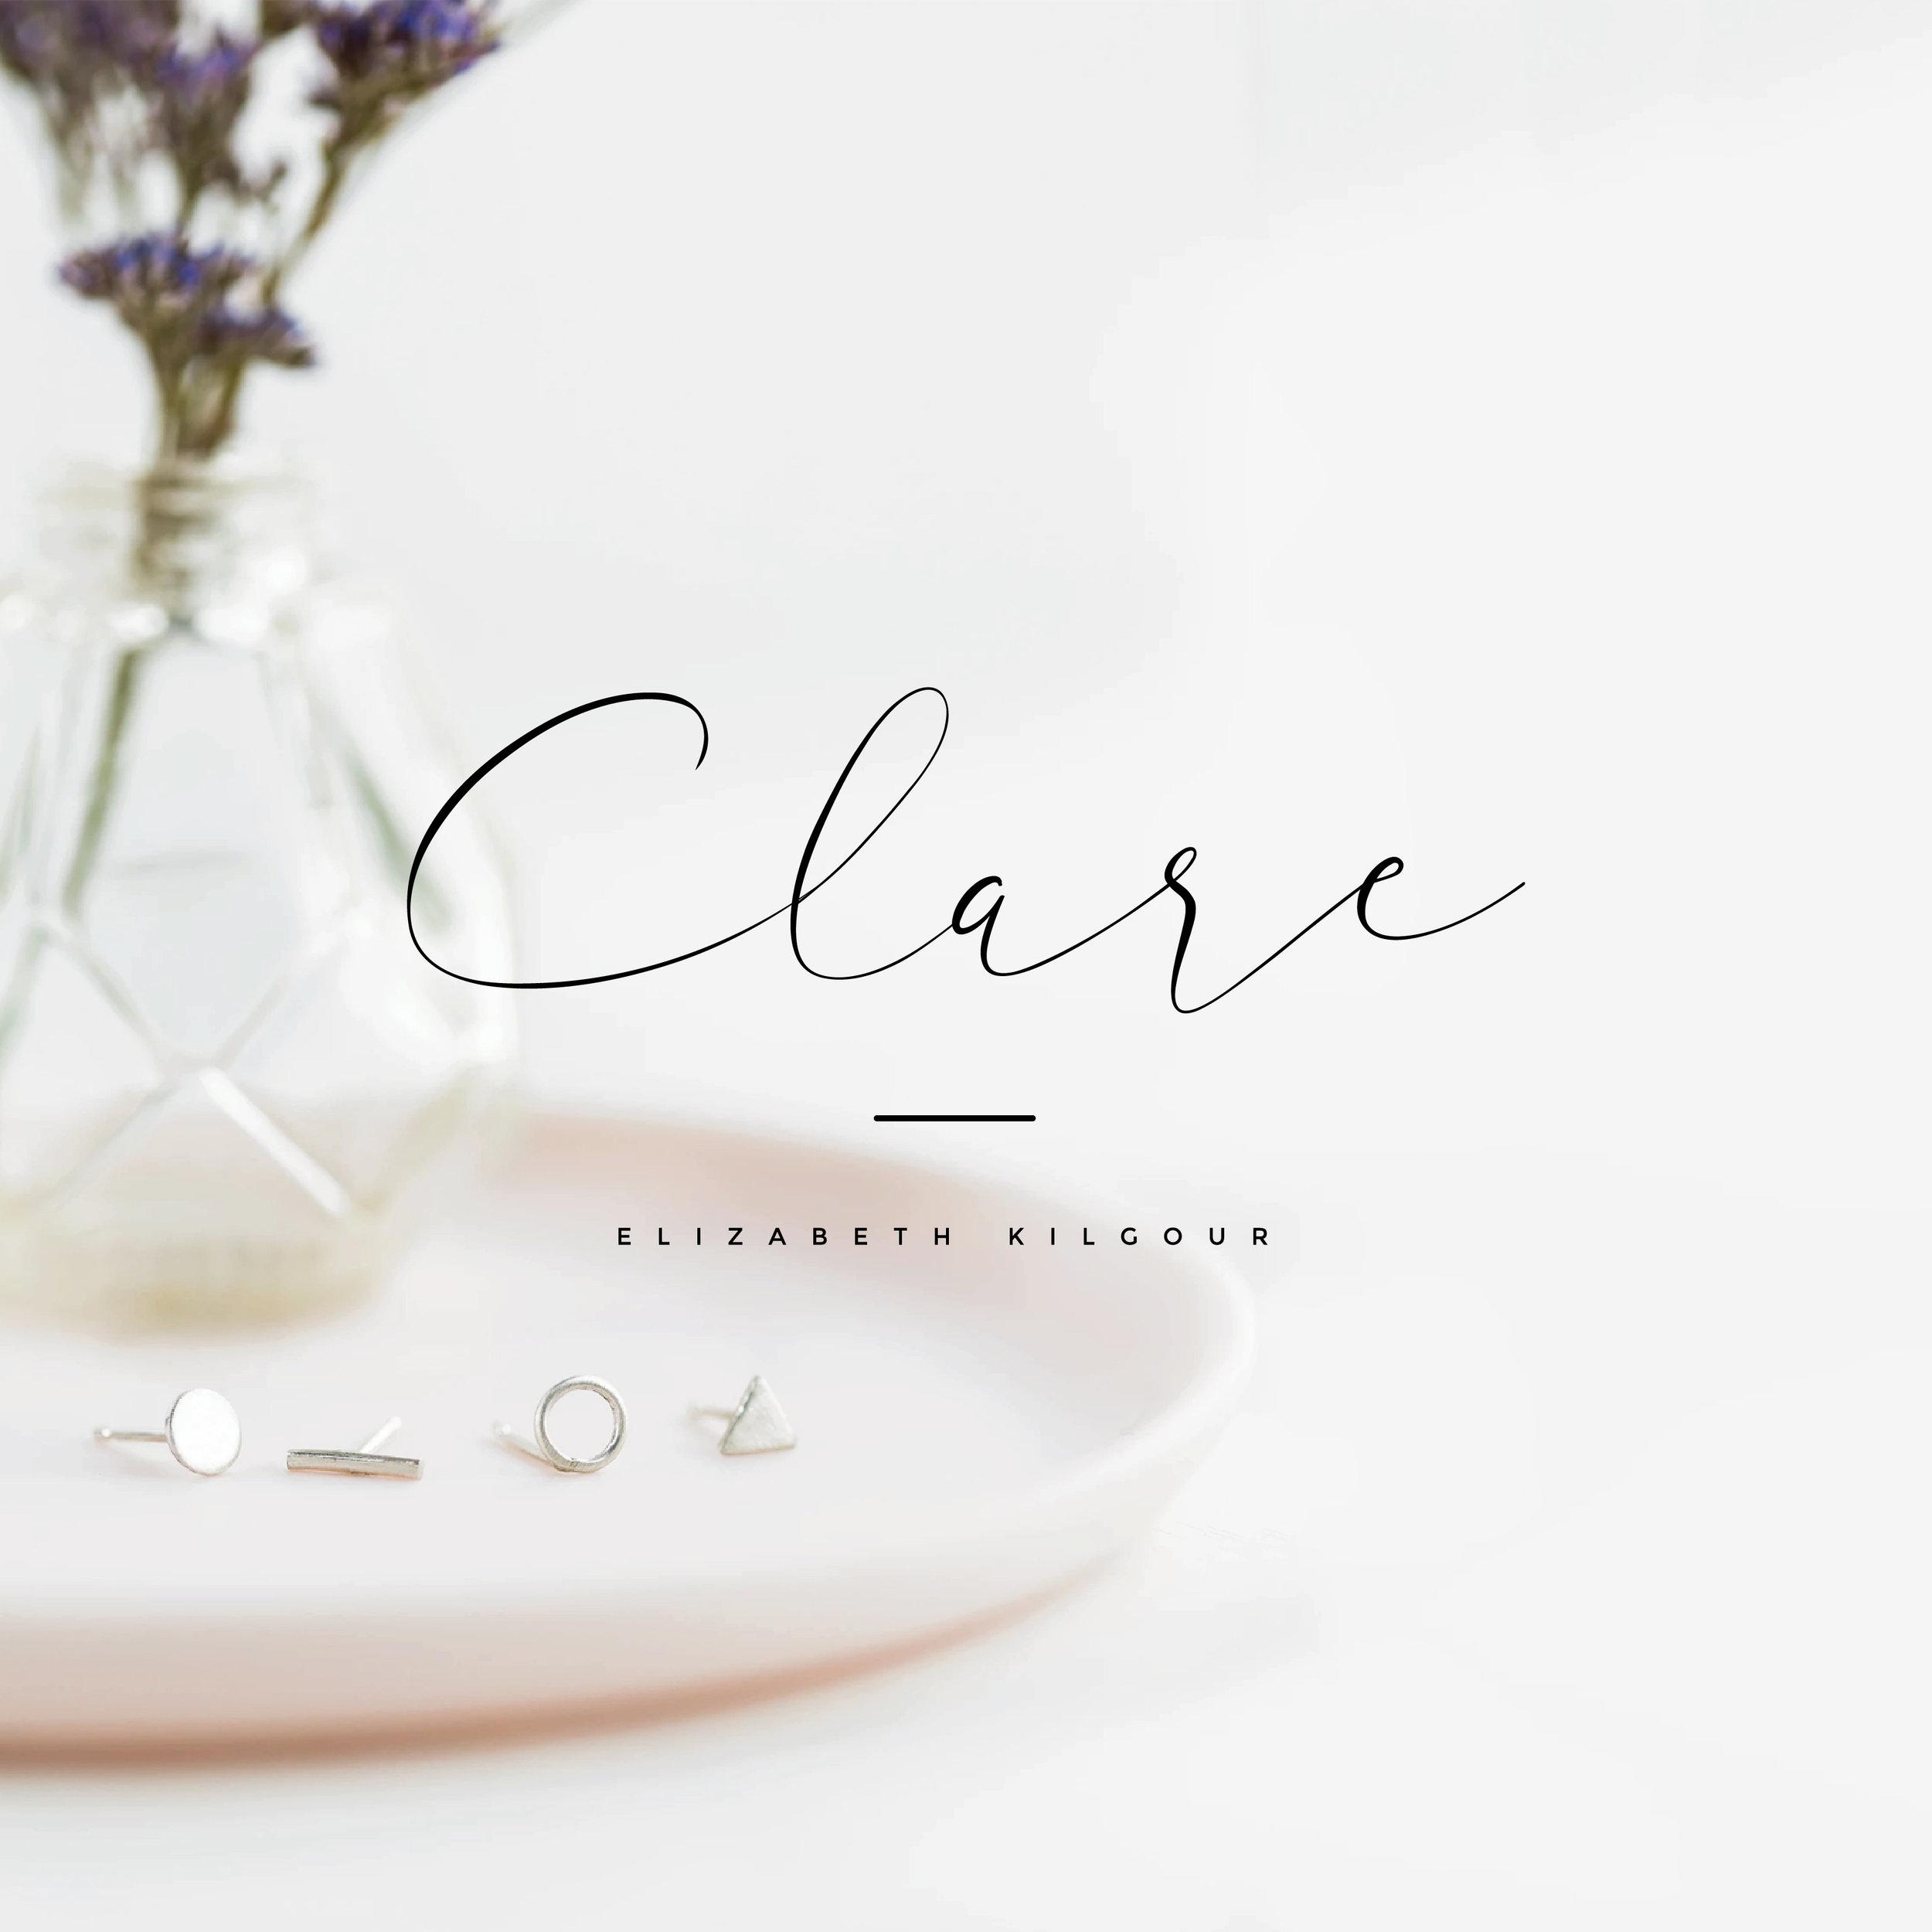 Clare-Kilgour